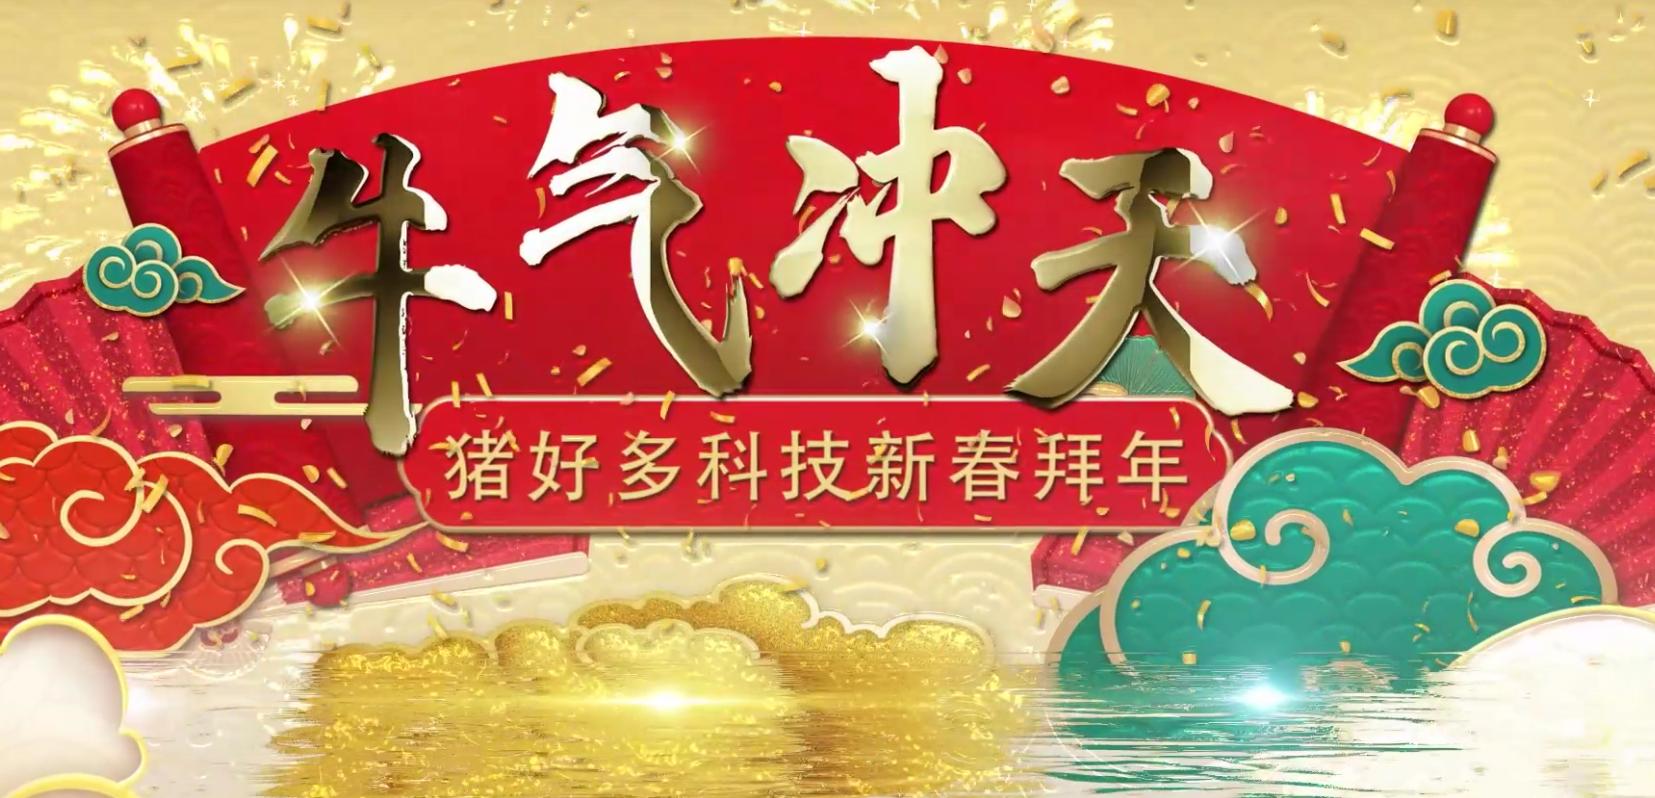 猪好多科技恭祝全国养猪朋友新春快乐,万事大吉,牛气冲天!